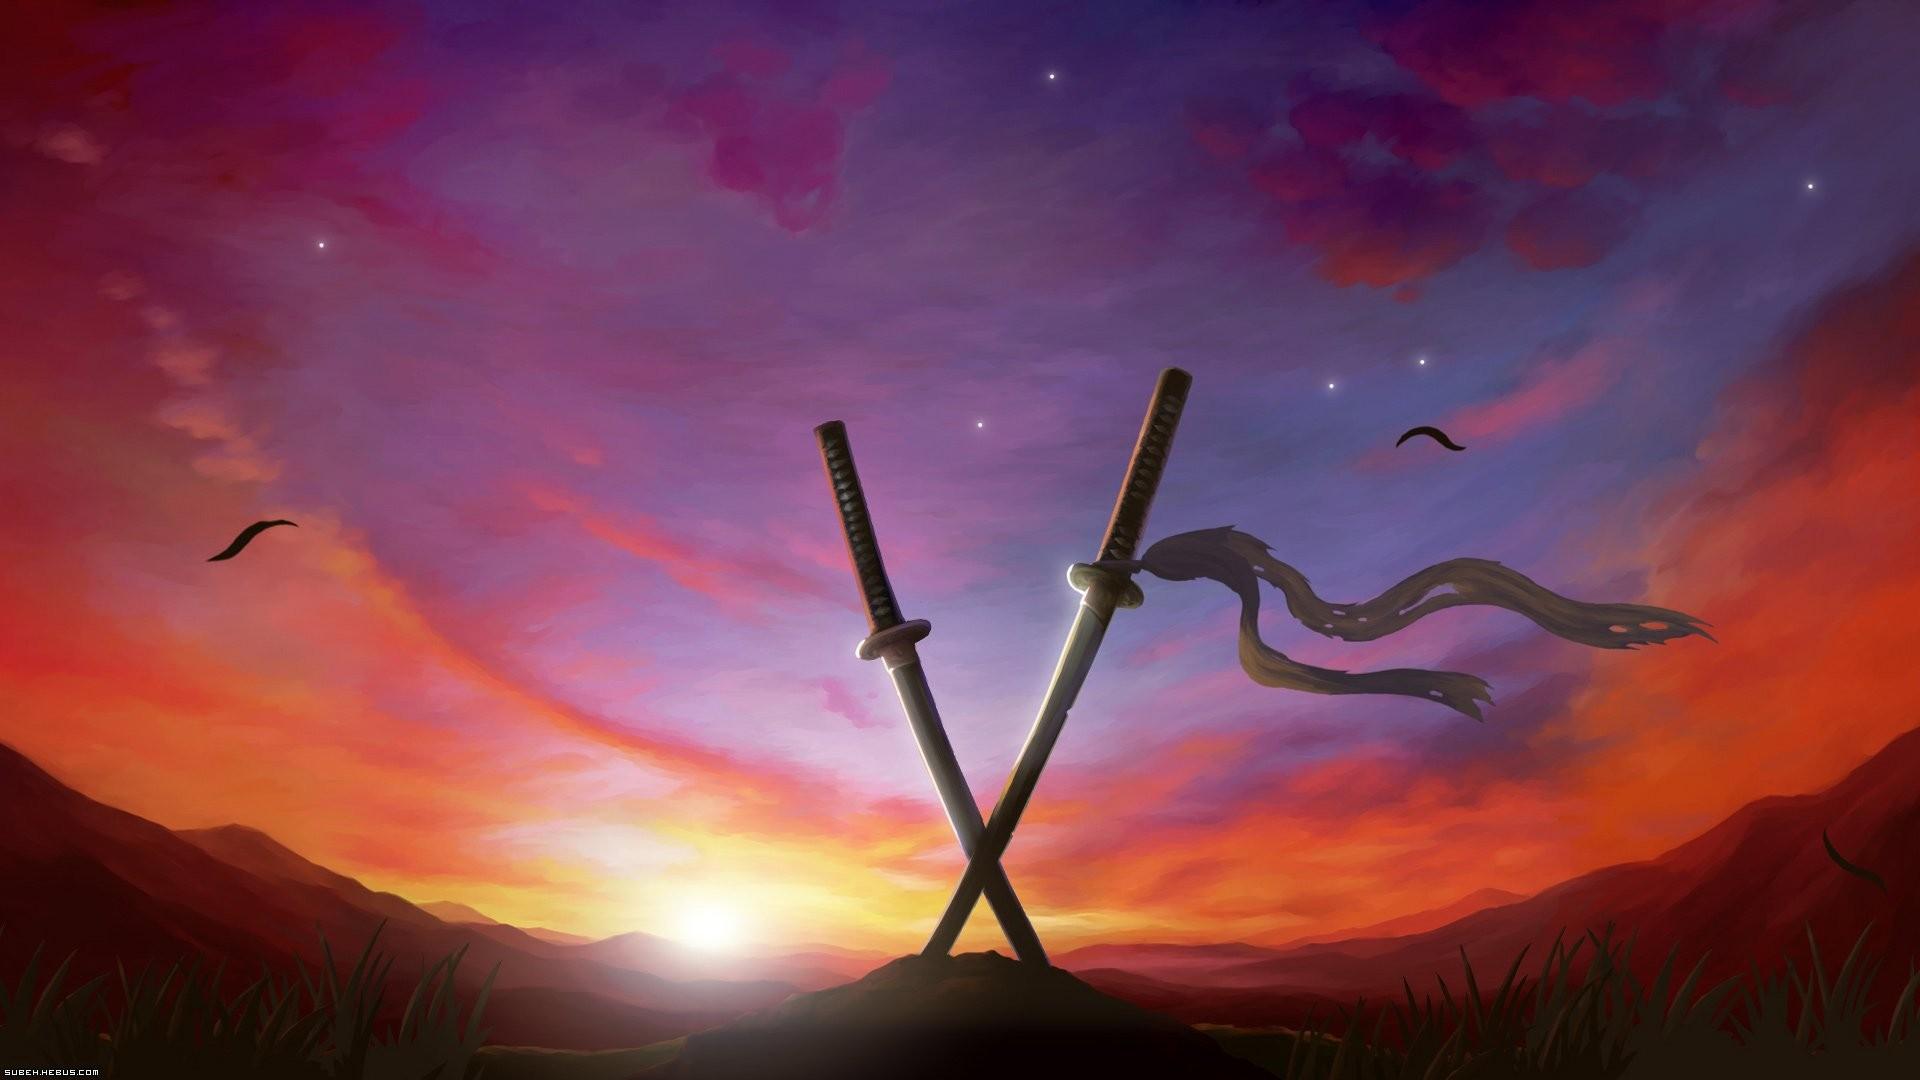 часто картинки мечи воткнутые в землю большинстве случаев